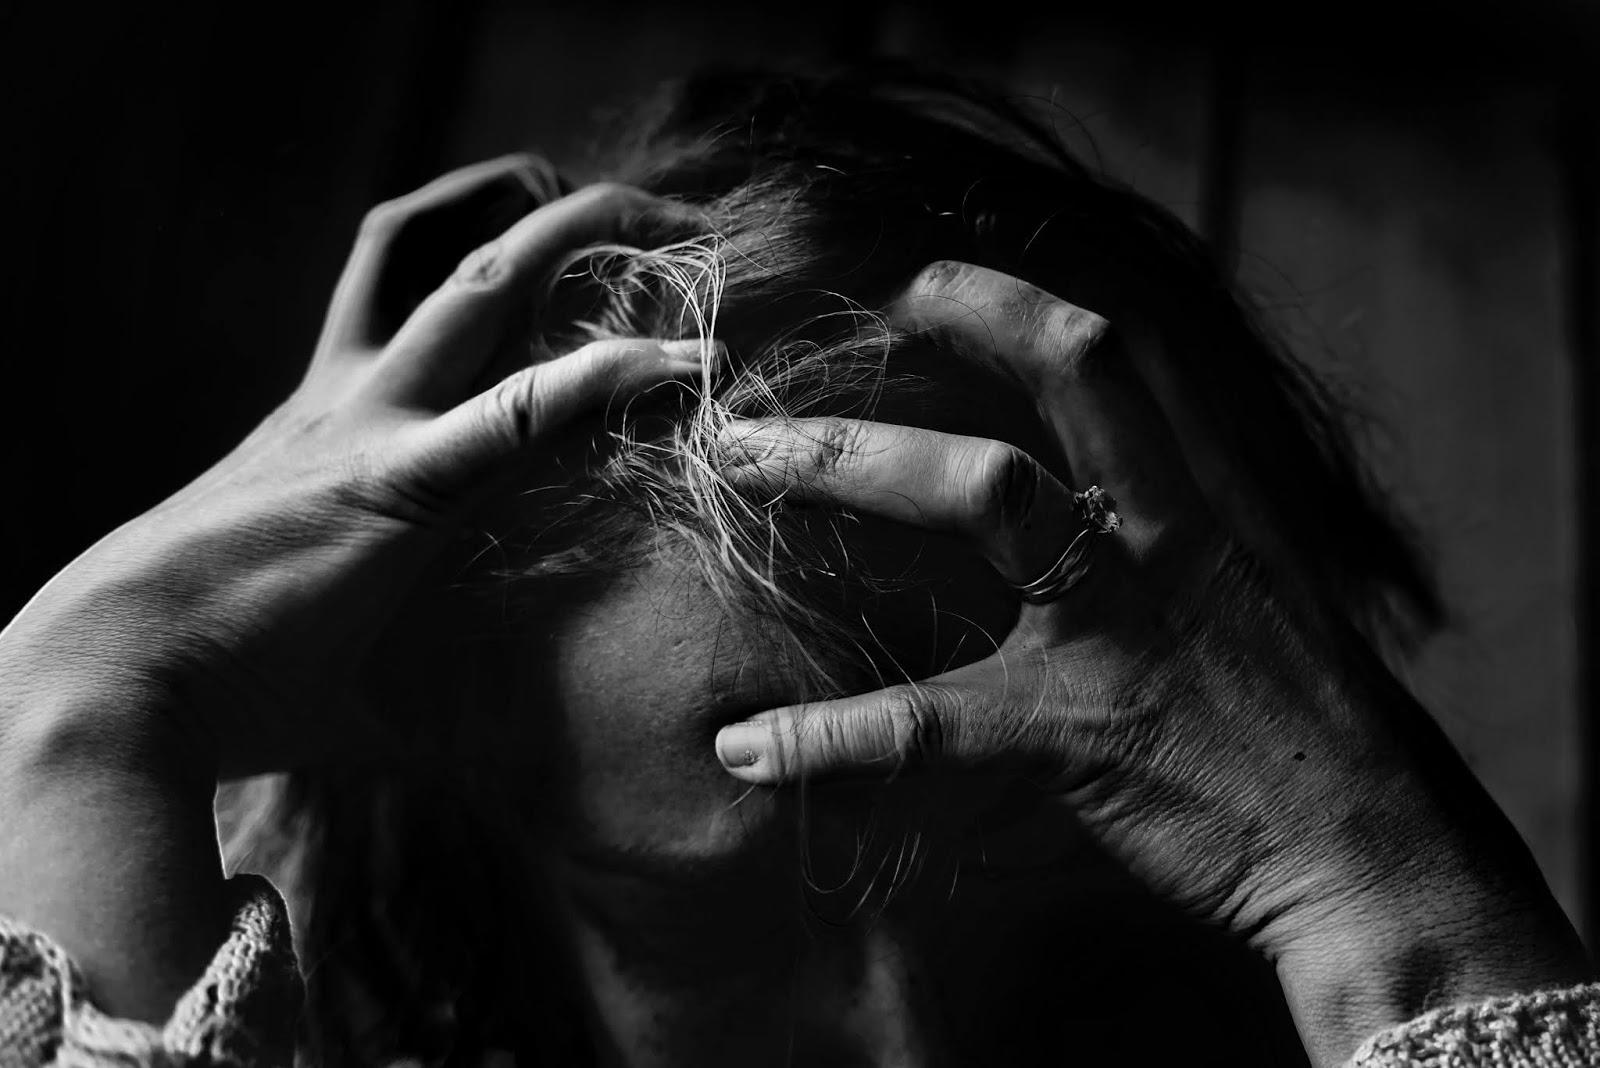 photo en noir et blanc d'une personne qui se tient la tête en signe de souffrance